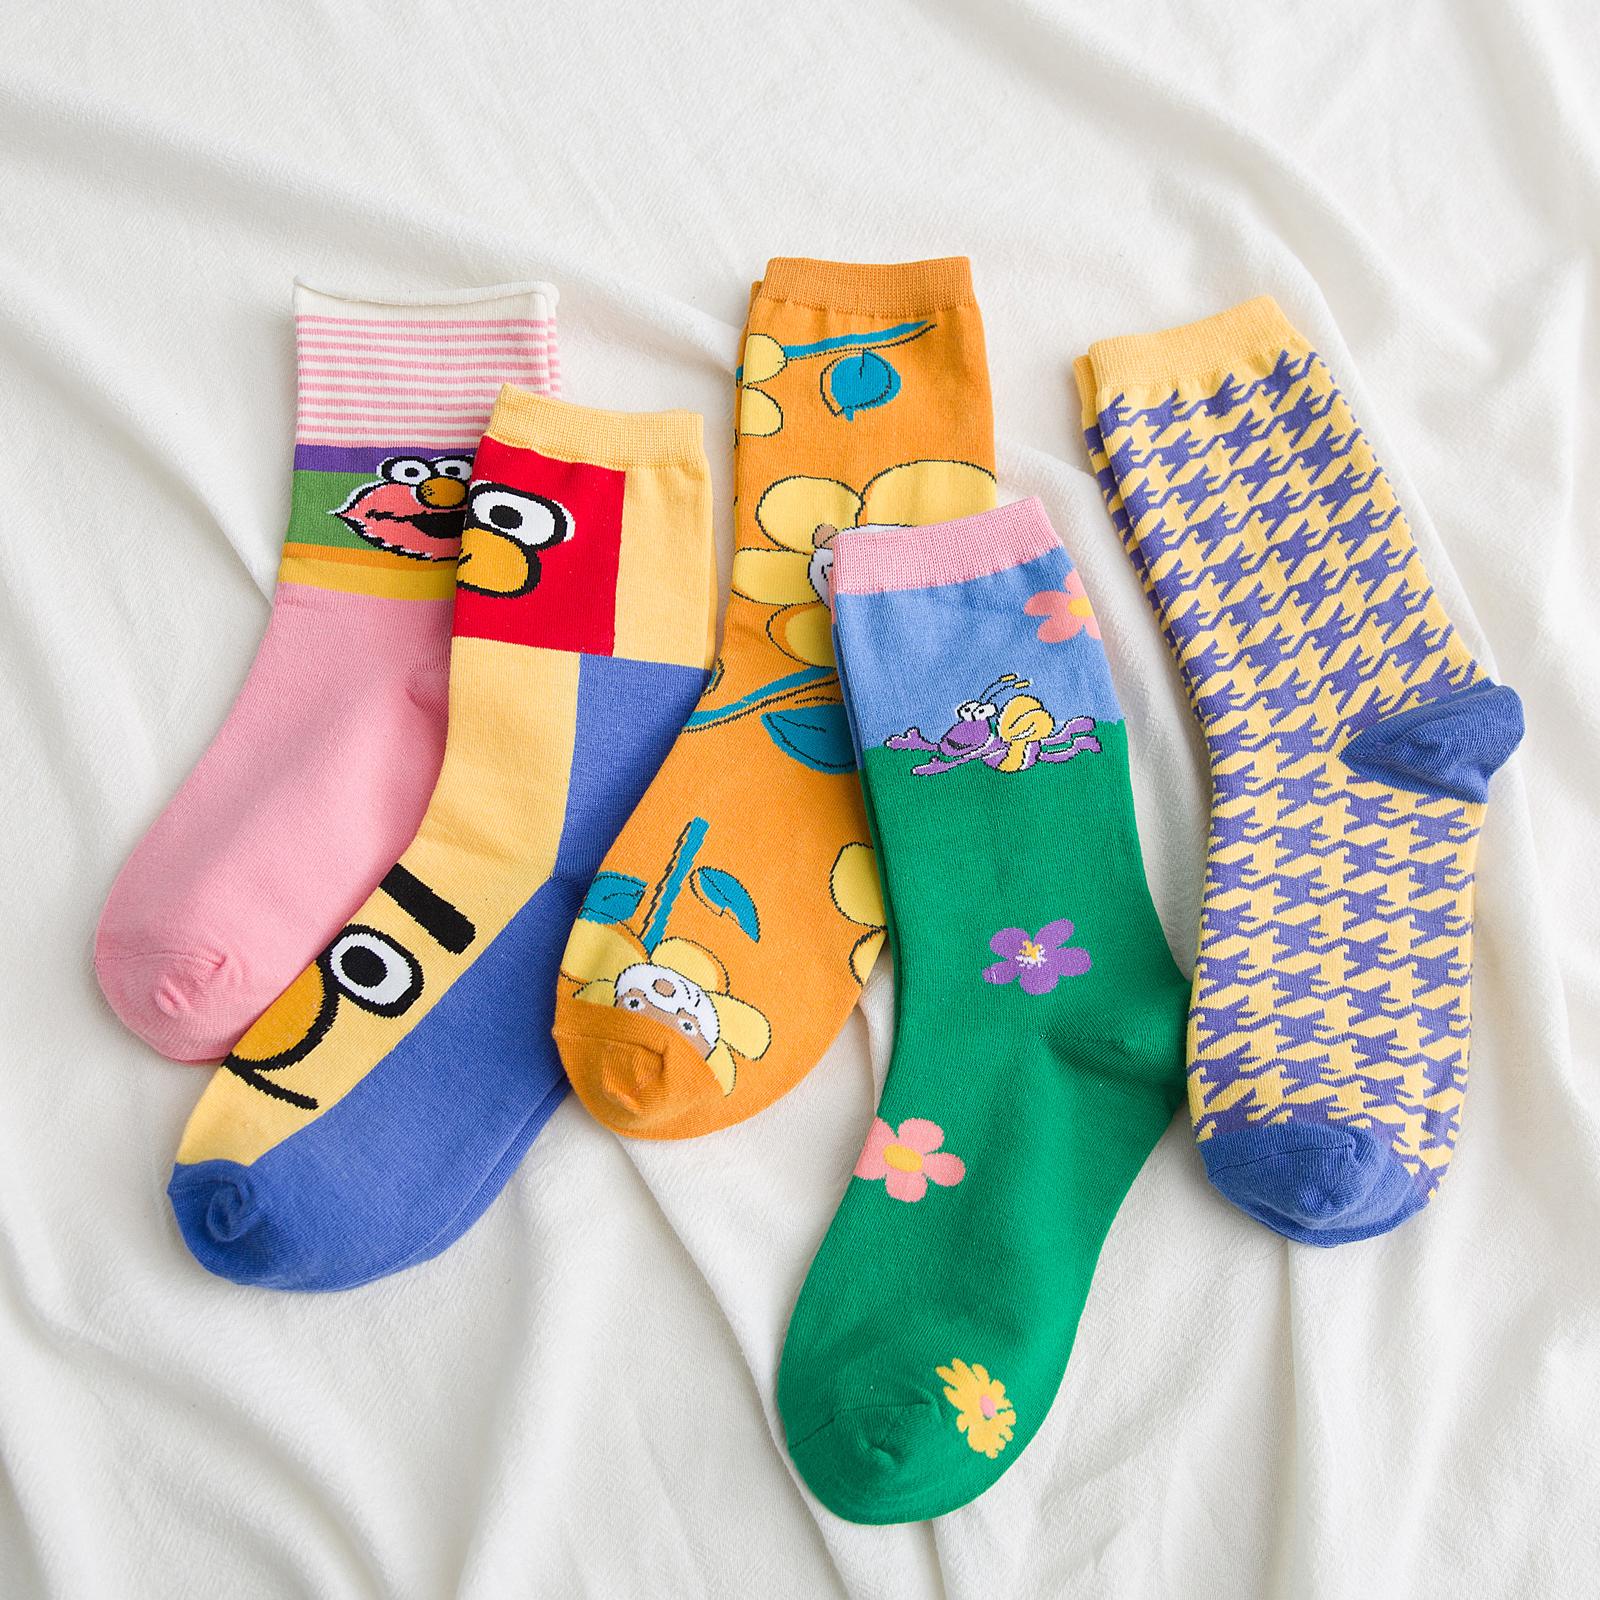 网红袜子女中筒袜秋冬季ins潮韩国可爱日系长筒袜百搭街头堆堆袜